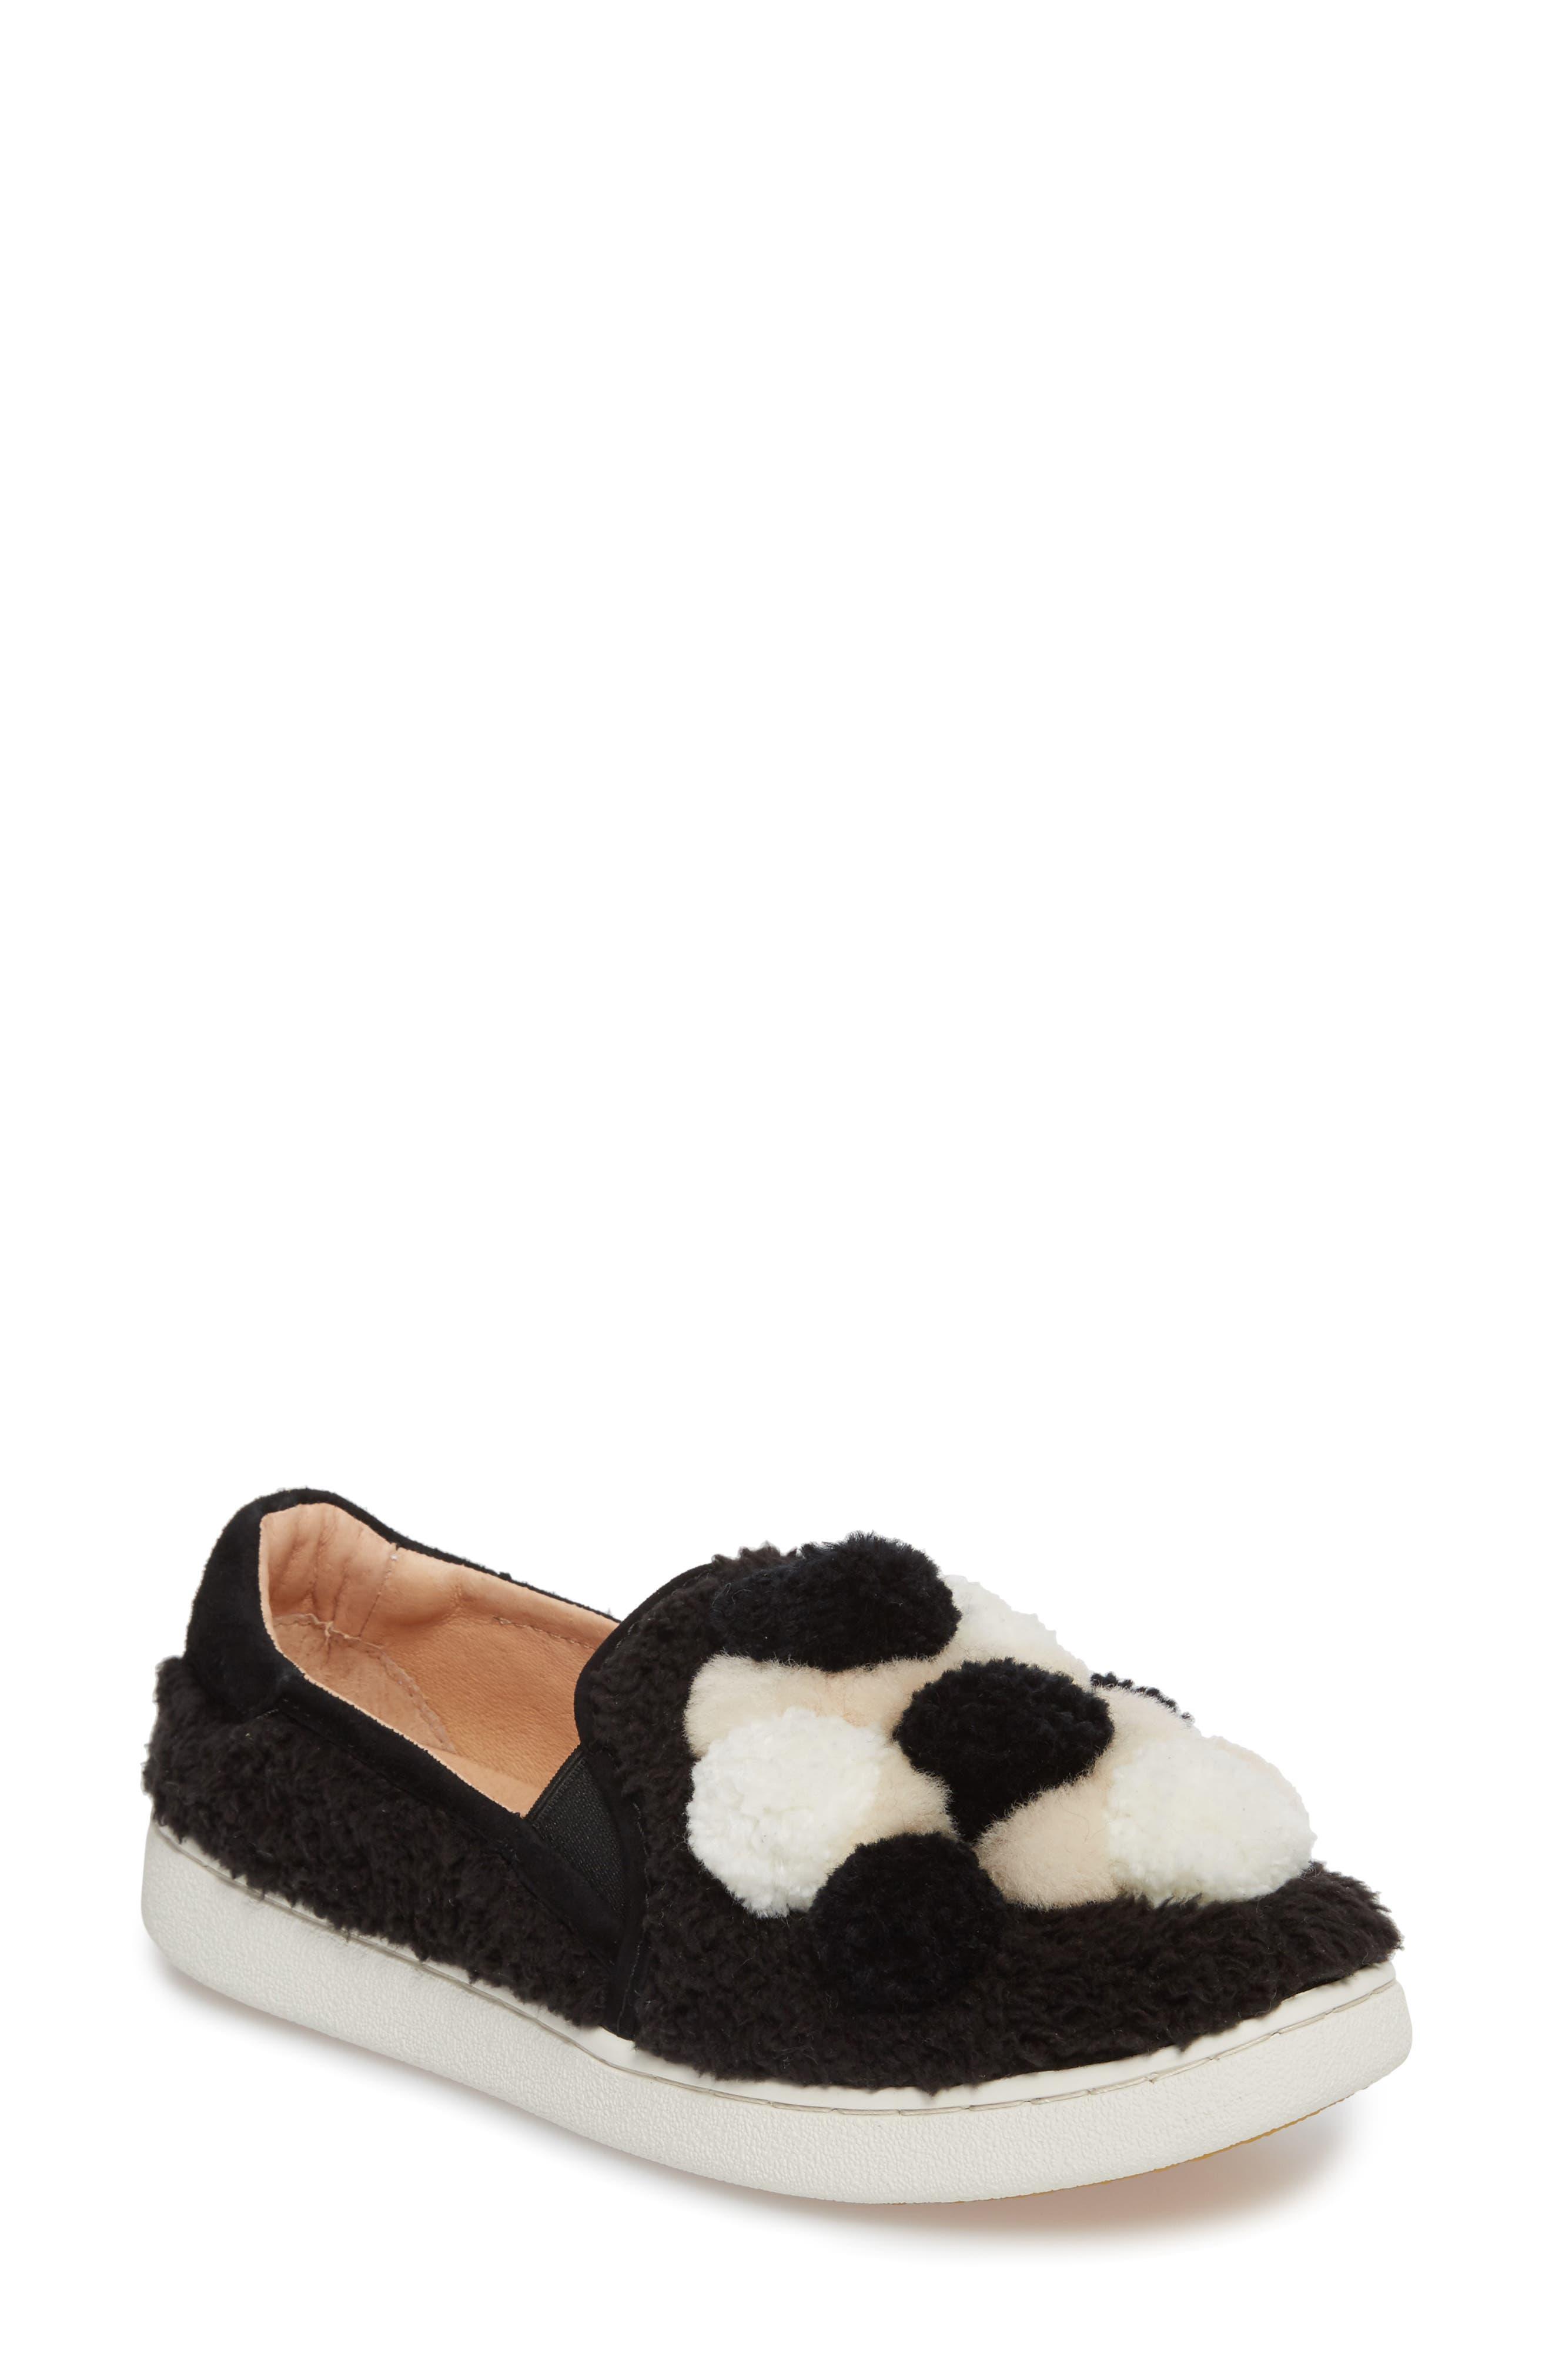 Ricci Plush Genuine Shearling Pompom Slip-On Sneaker,                         Main,                         color, 001